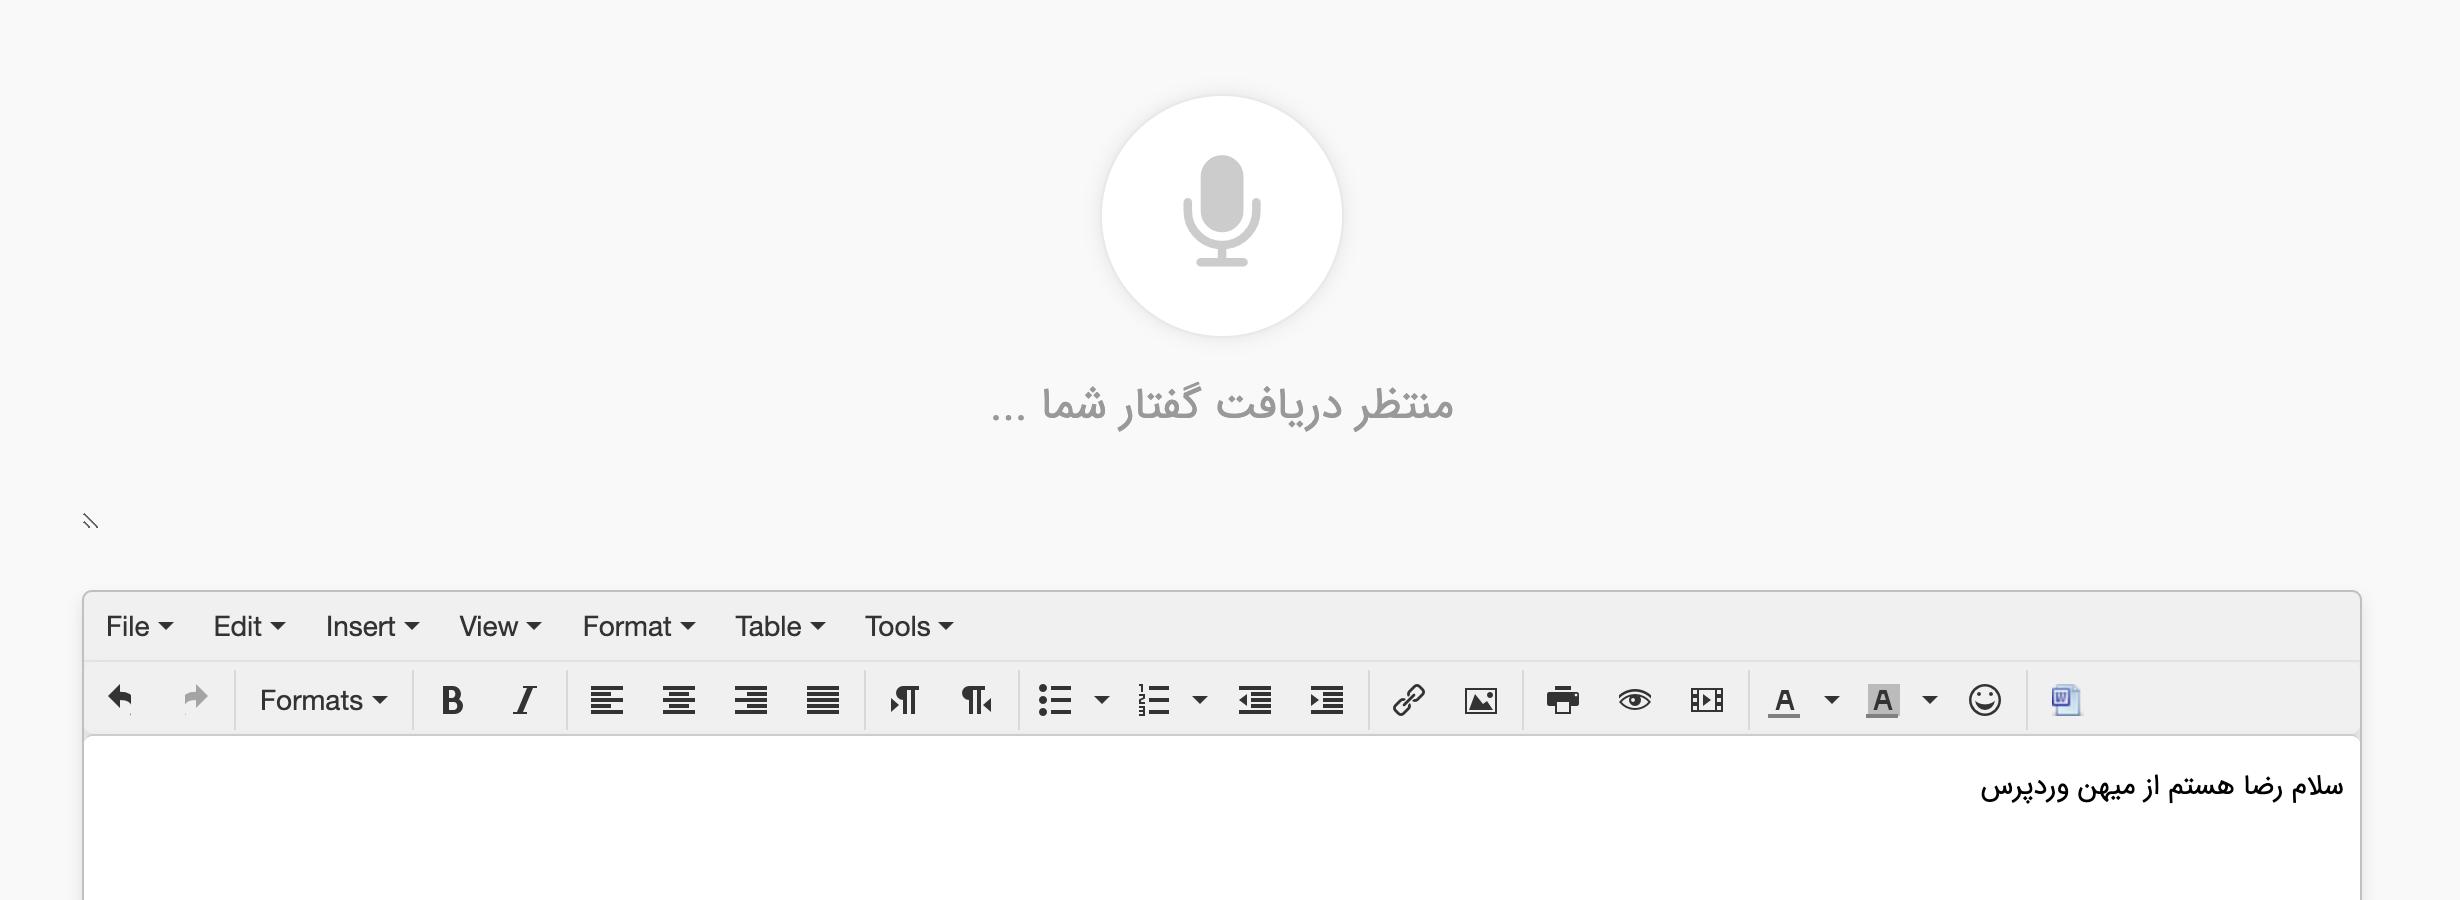 تبدیل صوت به متن فارسی